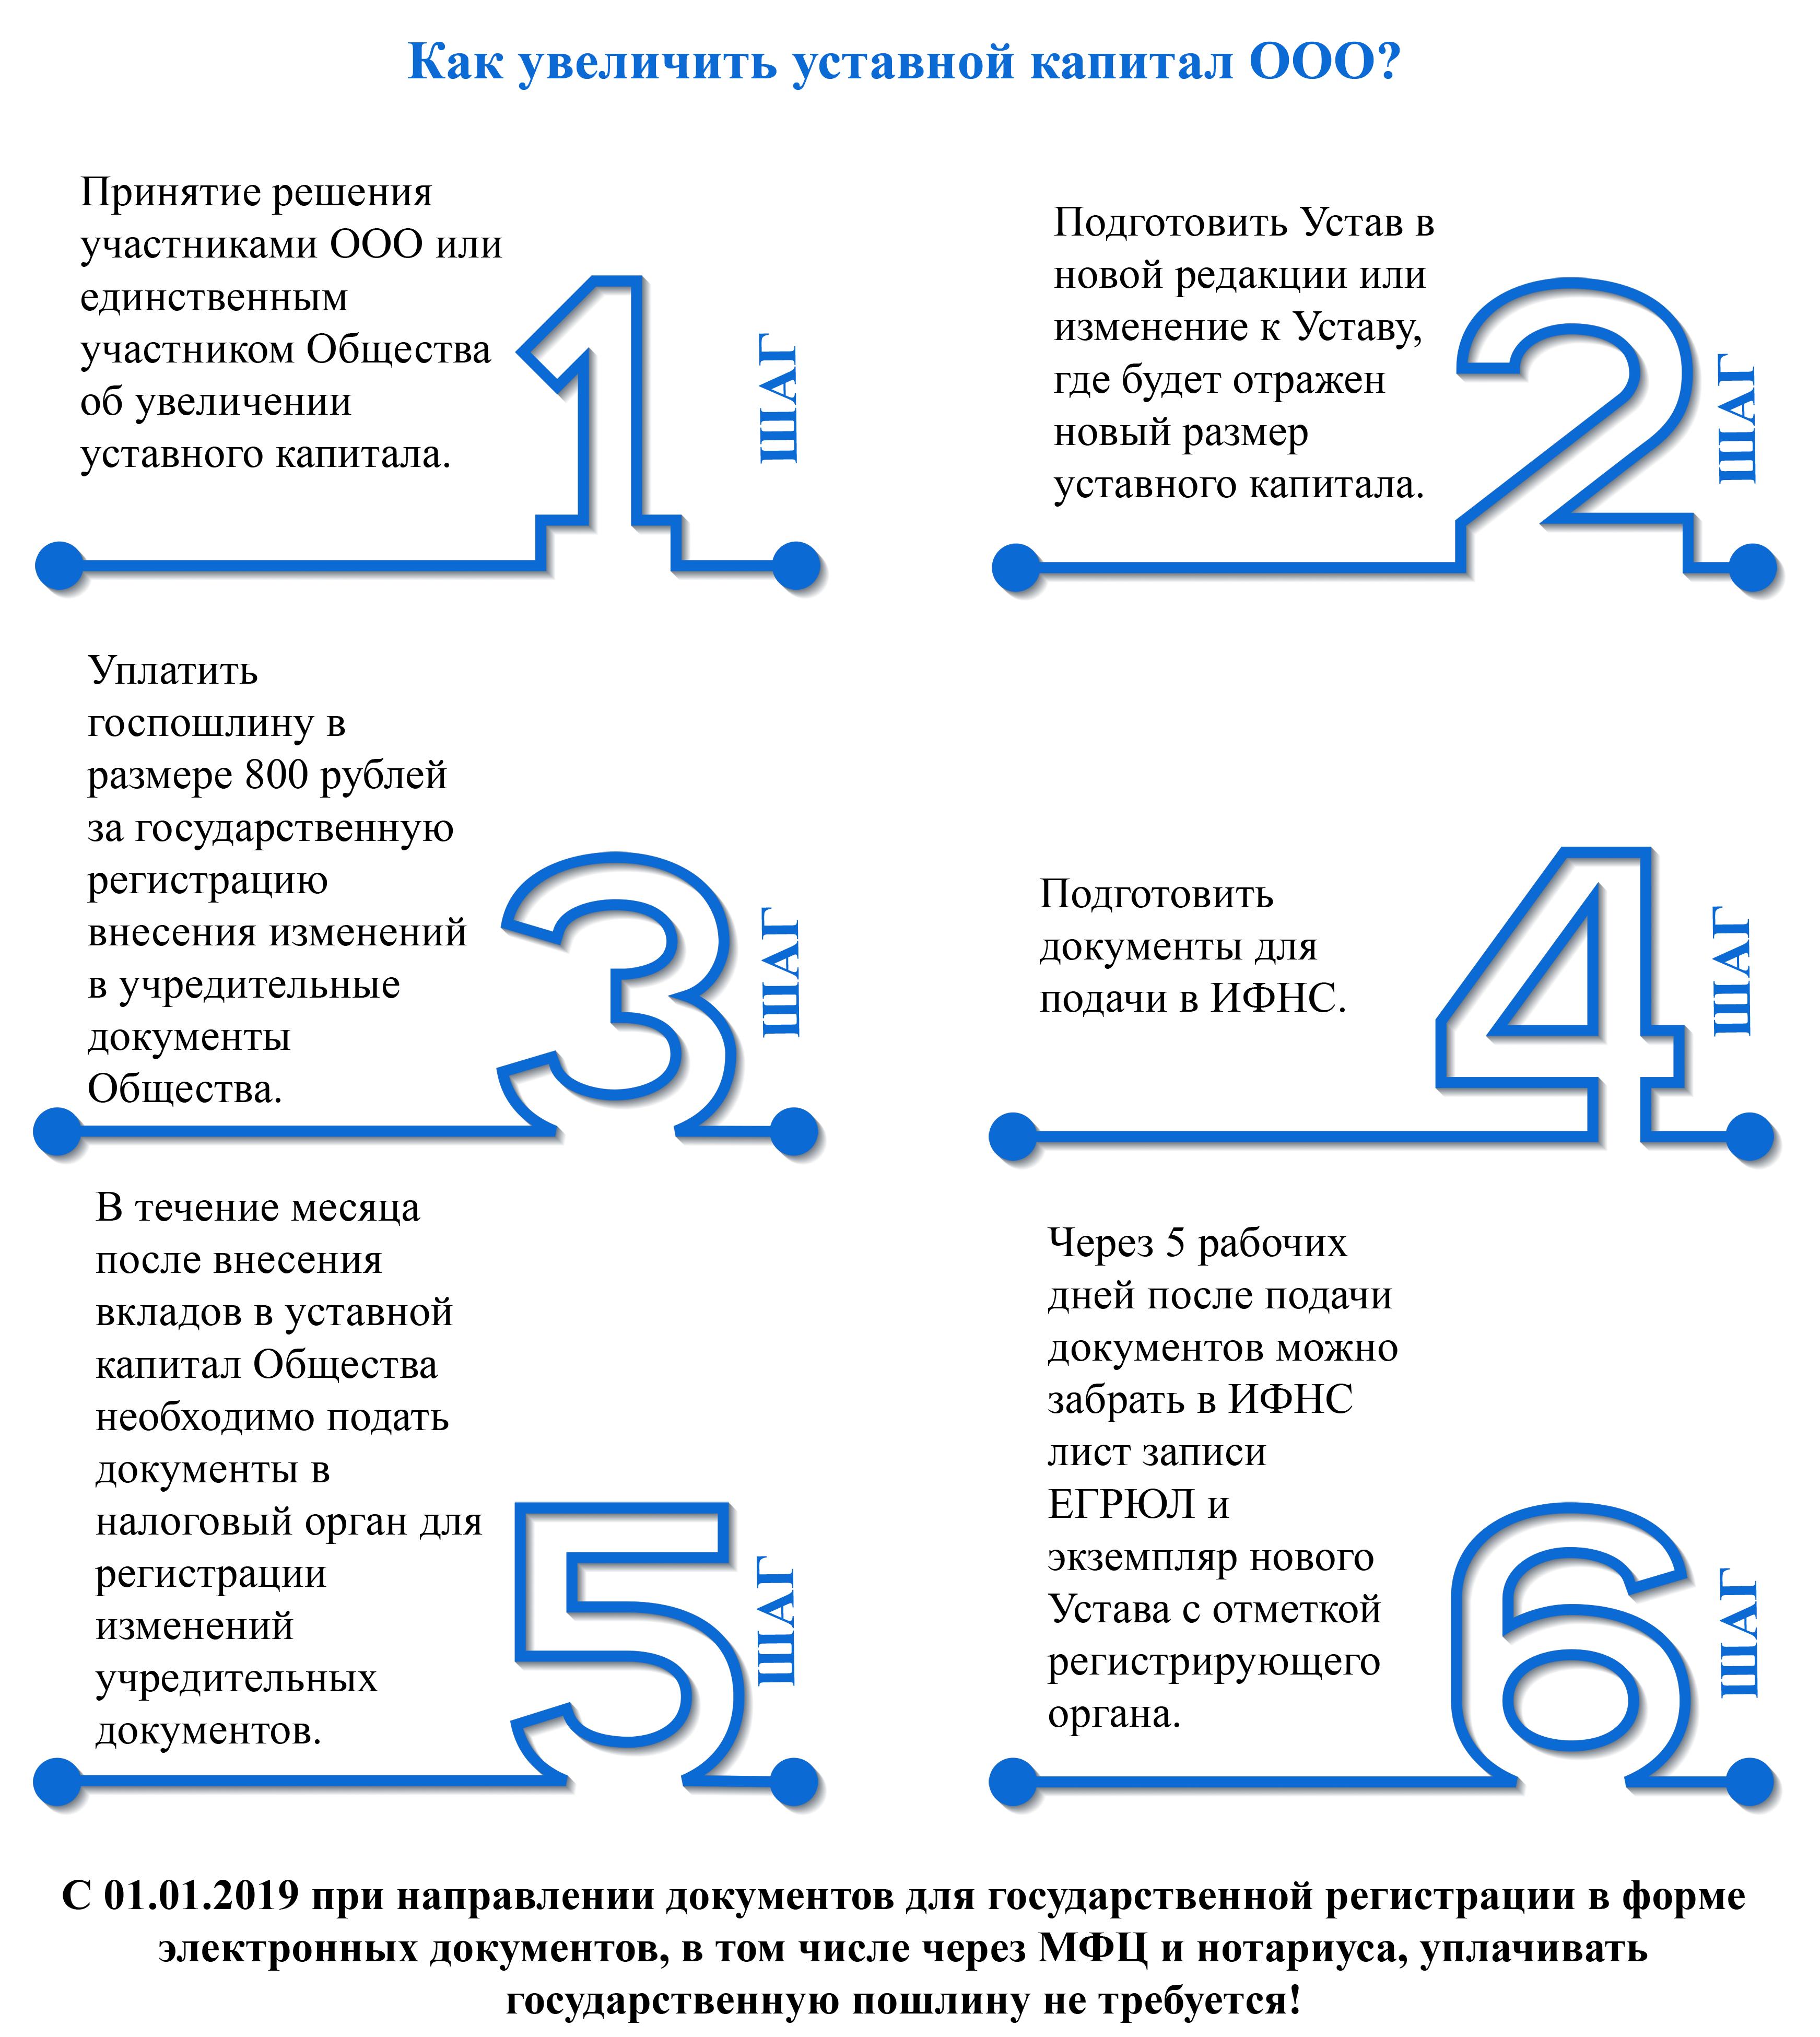 Порядок увеличения уставного капитала ООО фото